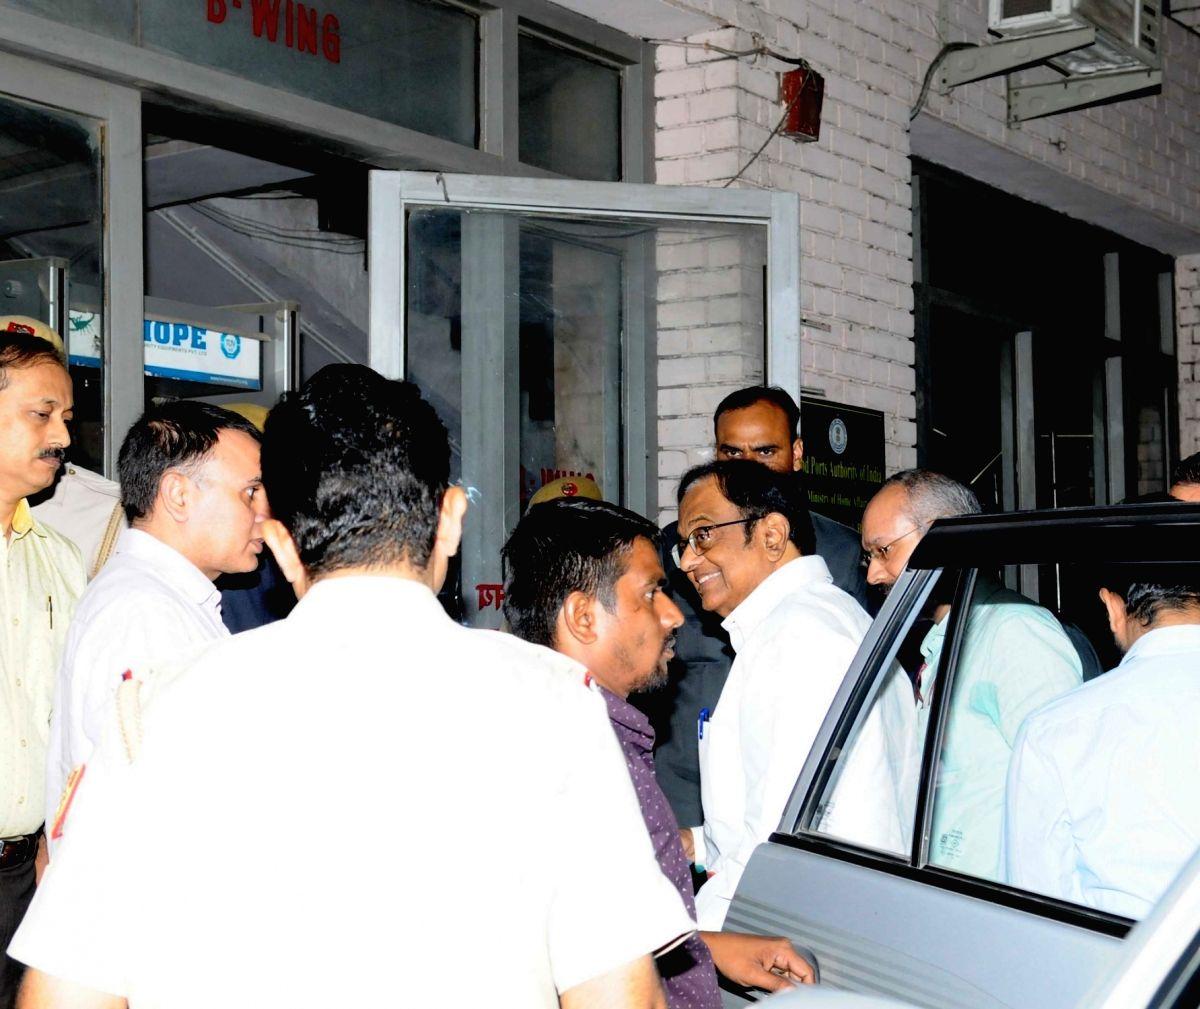 New Delhi:  Senior Congress leader and Former Finance Minister P. Chidambaram arrives at Enforcement Directorate office in New Delhi on Oct 17, 2019. Chidambaram has been sent to ED custody till Oct 24 in INX Media case. Judicial custody in CBI case